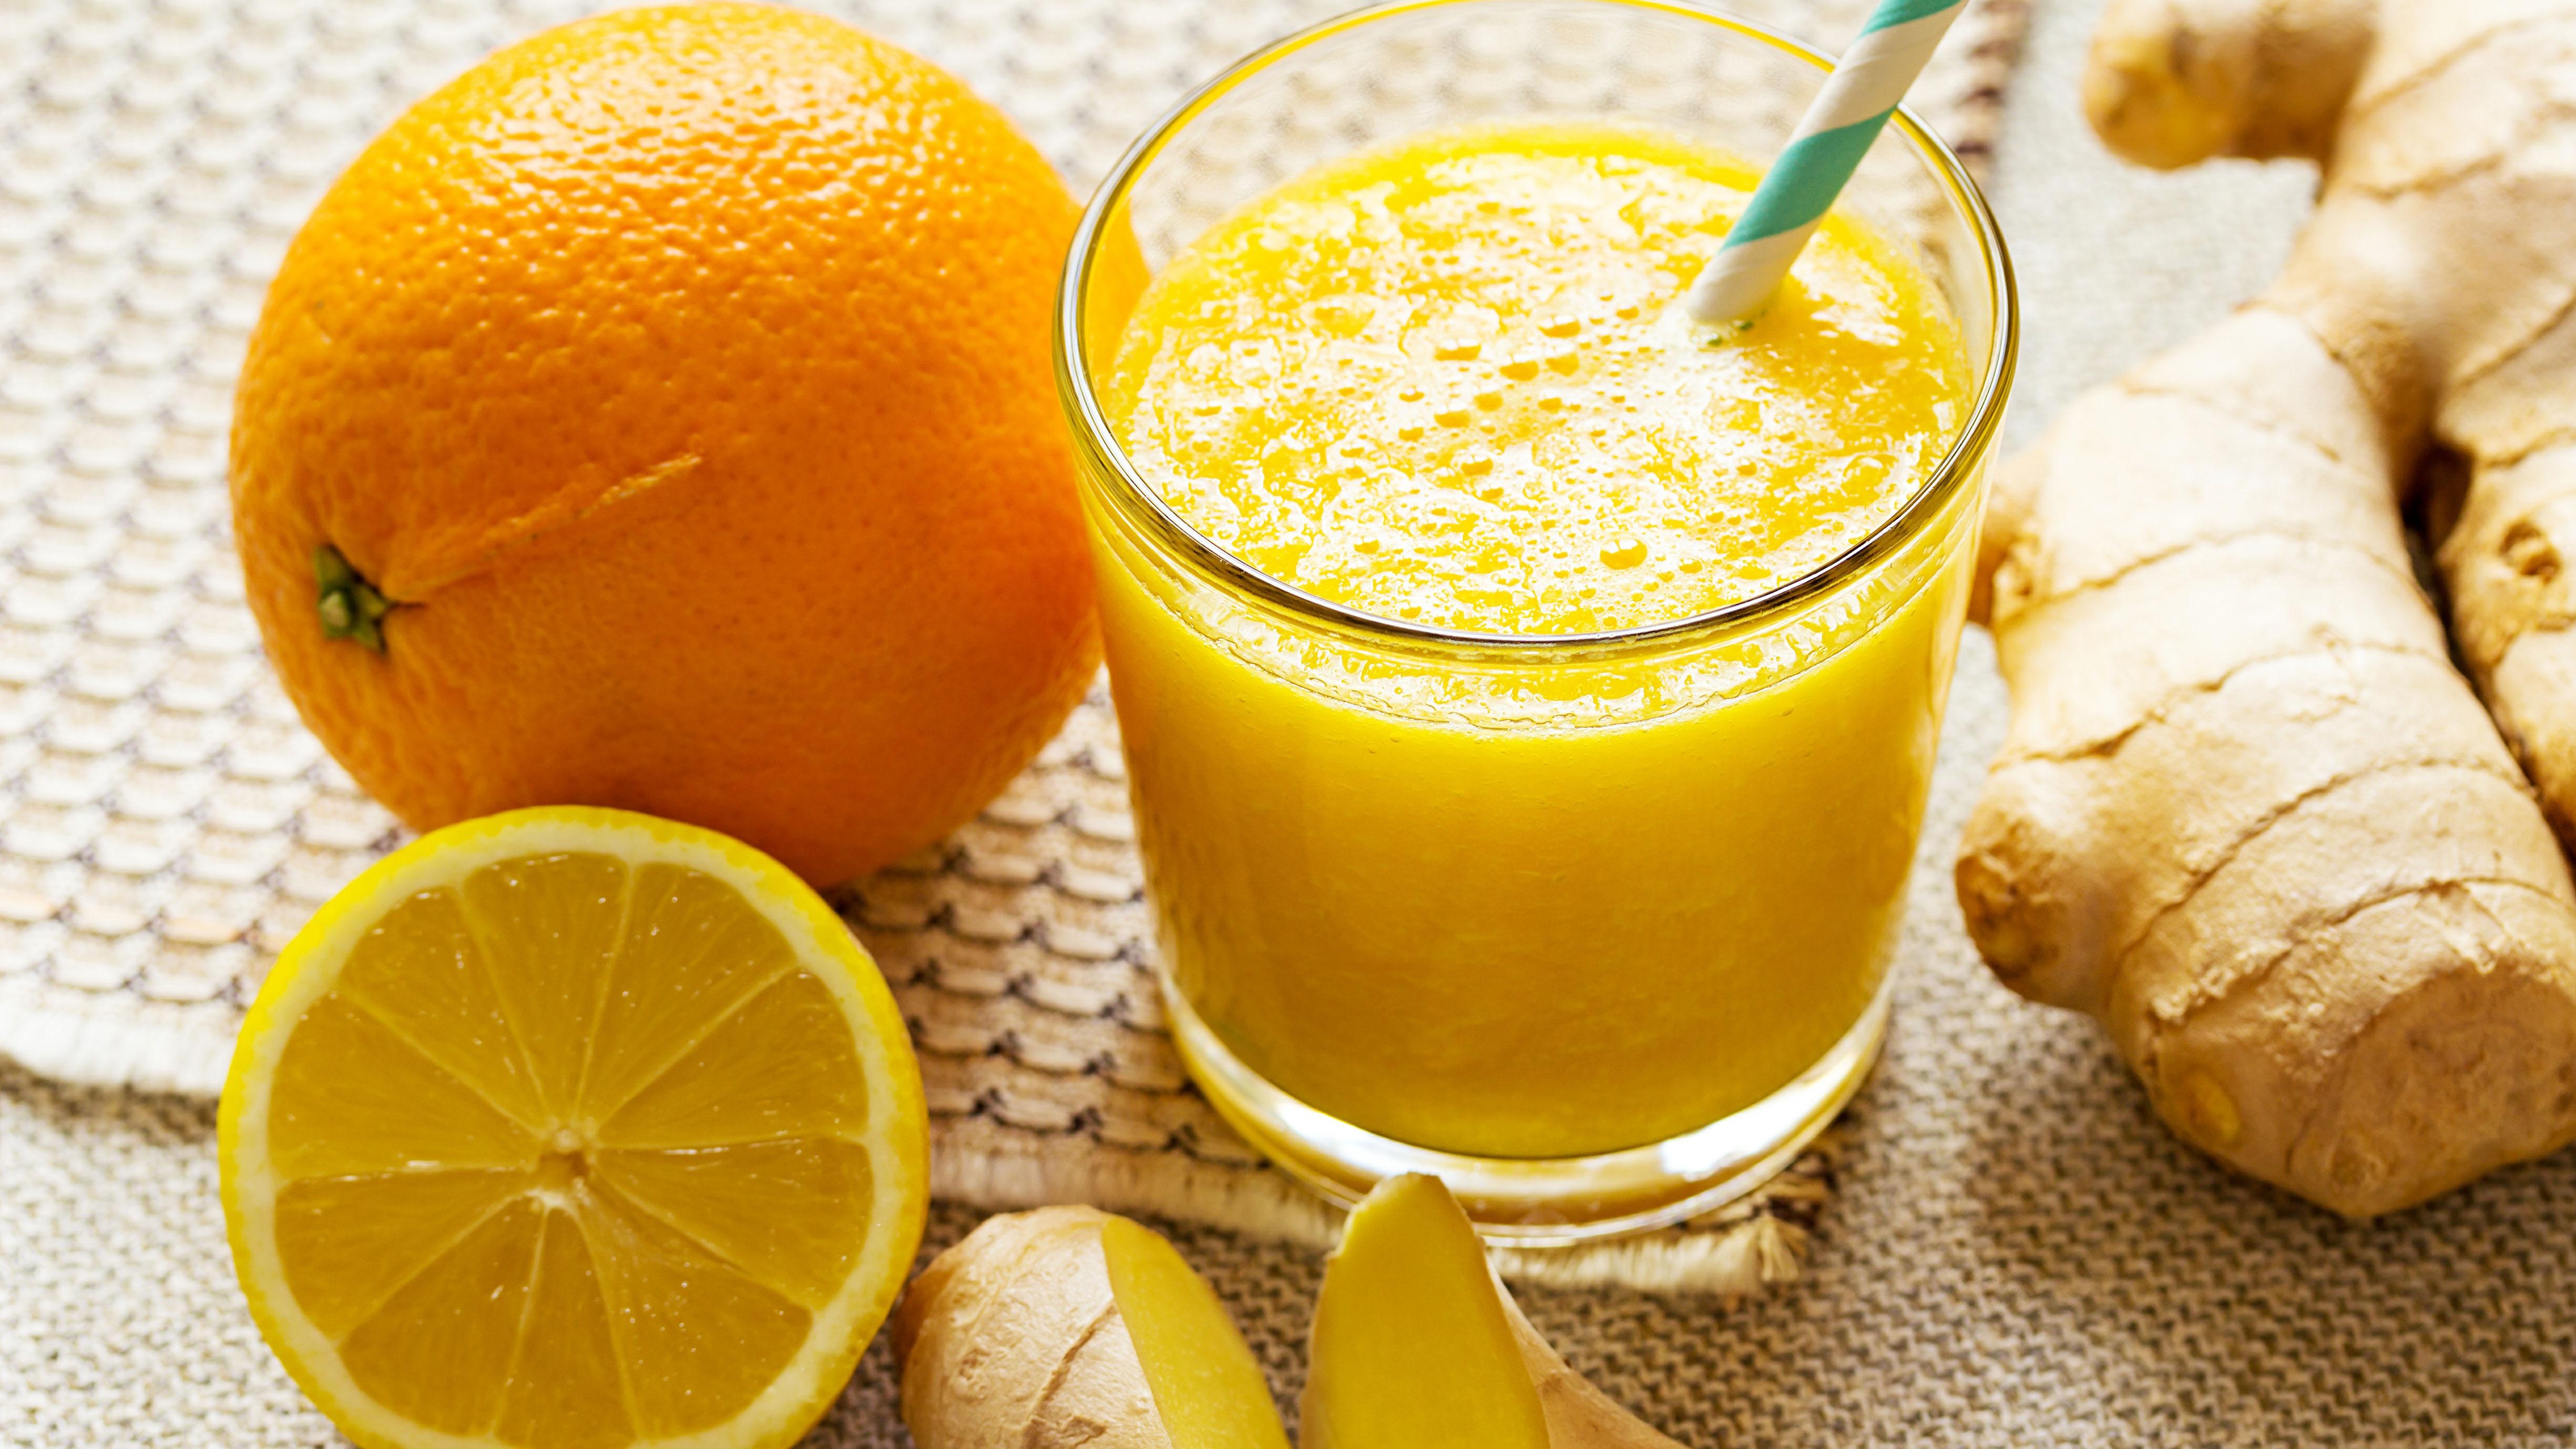 Глава Минздрава заявил, что чеснок, лимон и имбирь не эффективны против коронавируса